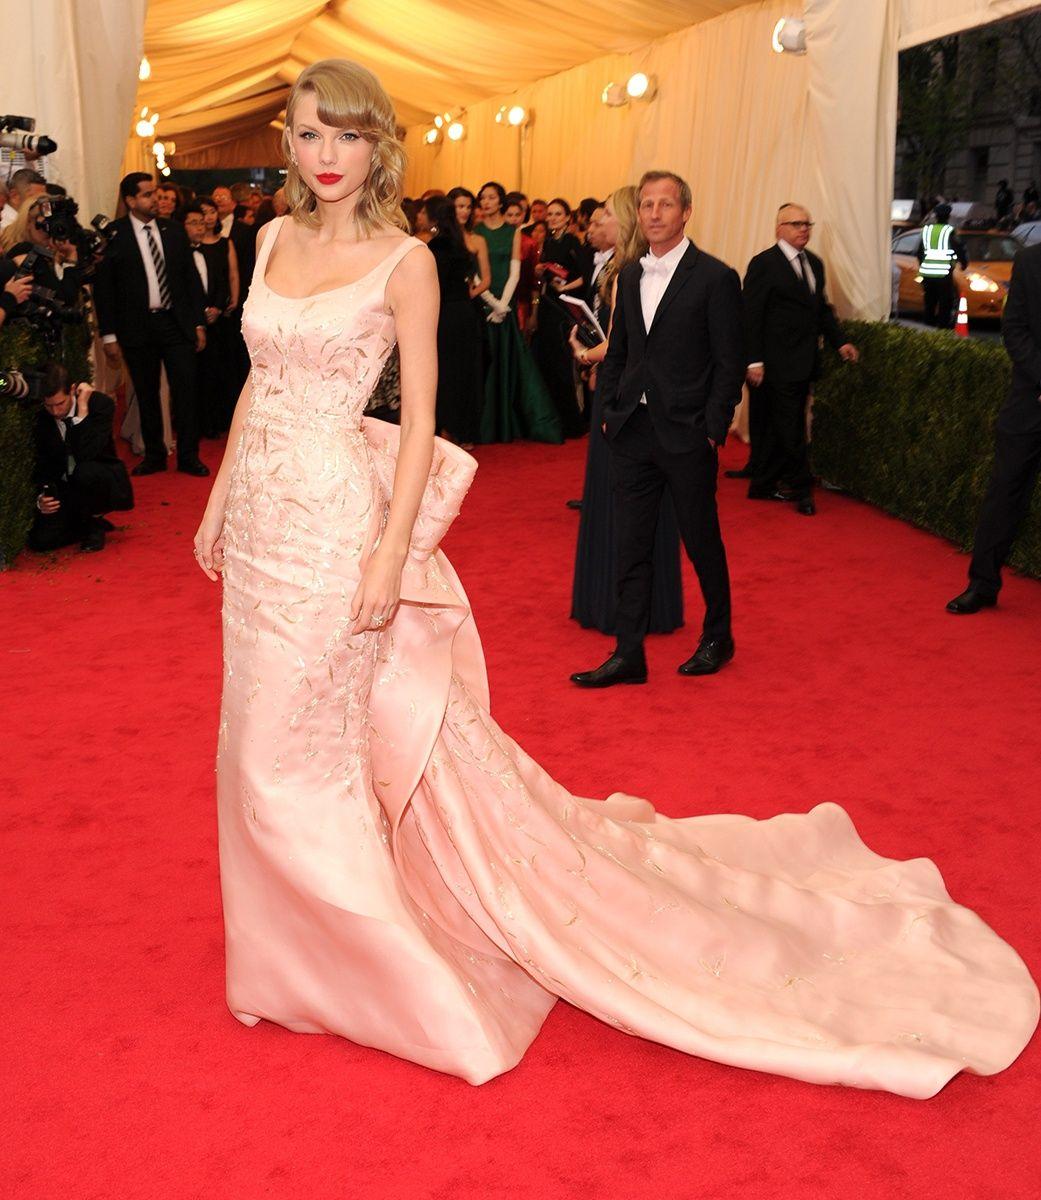 Vogue Daily — Taylor Swift in Oscar de la Renta